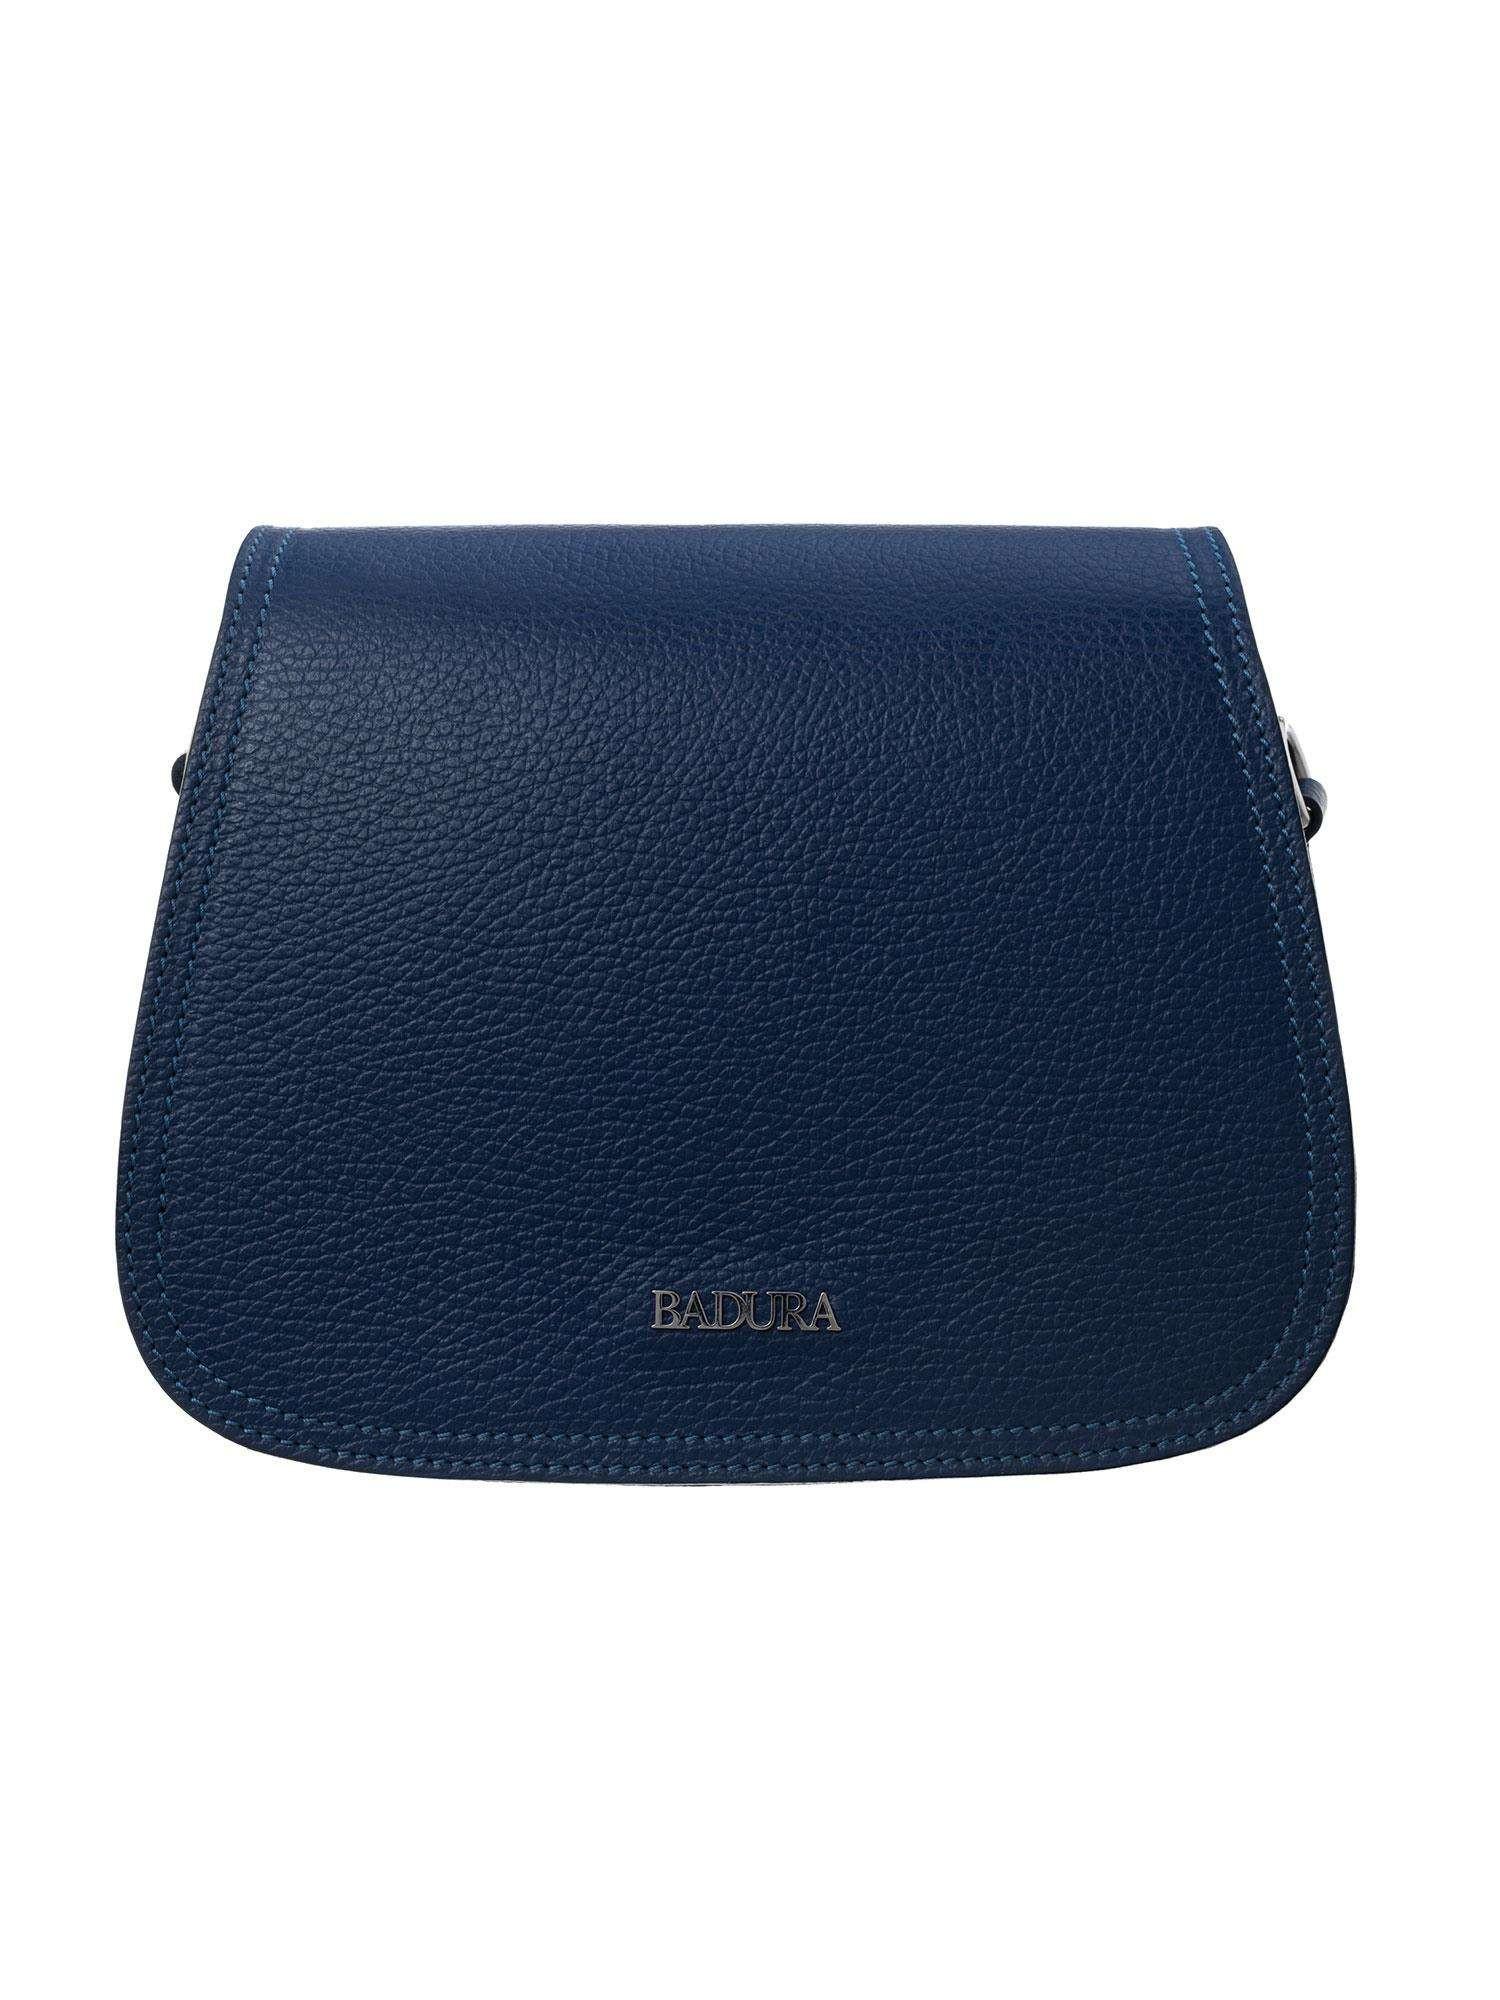 Badura Tmavo modrá kožená kabelka one size